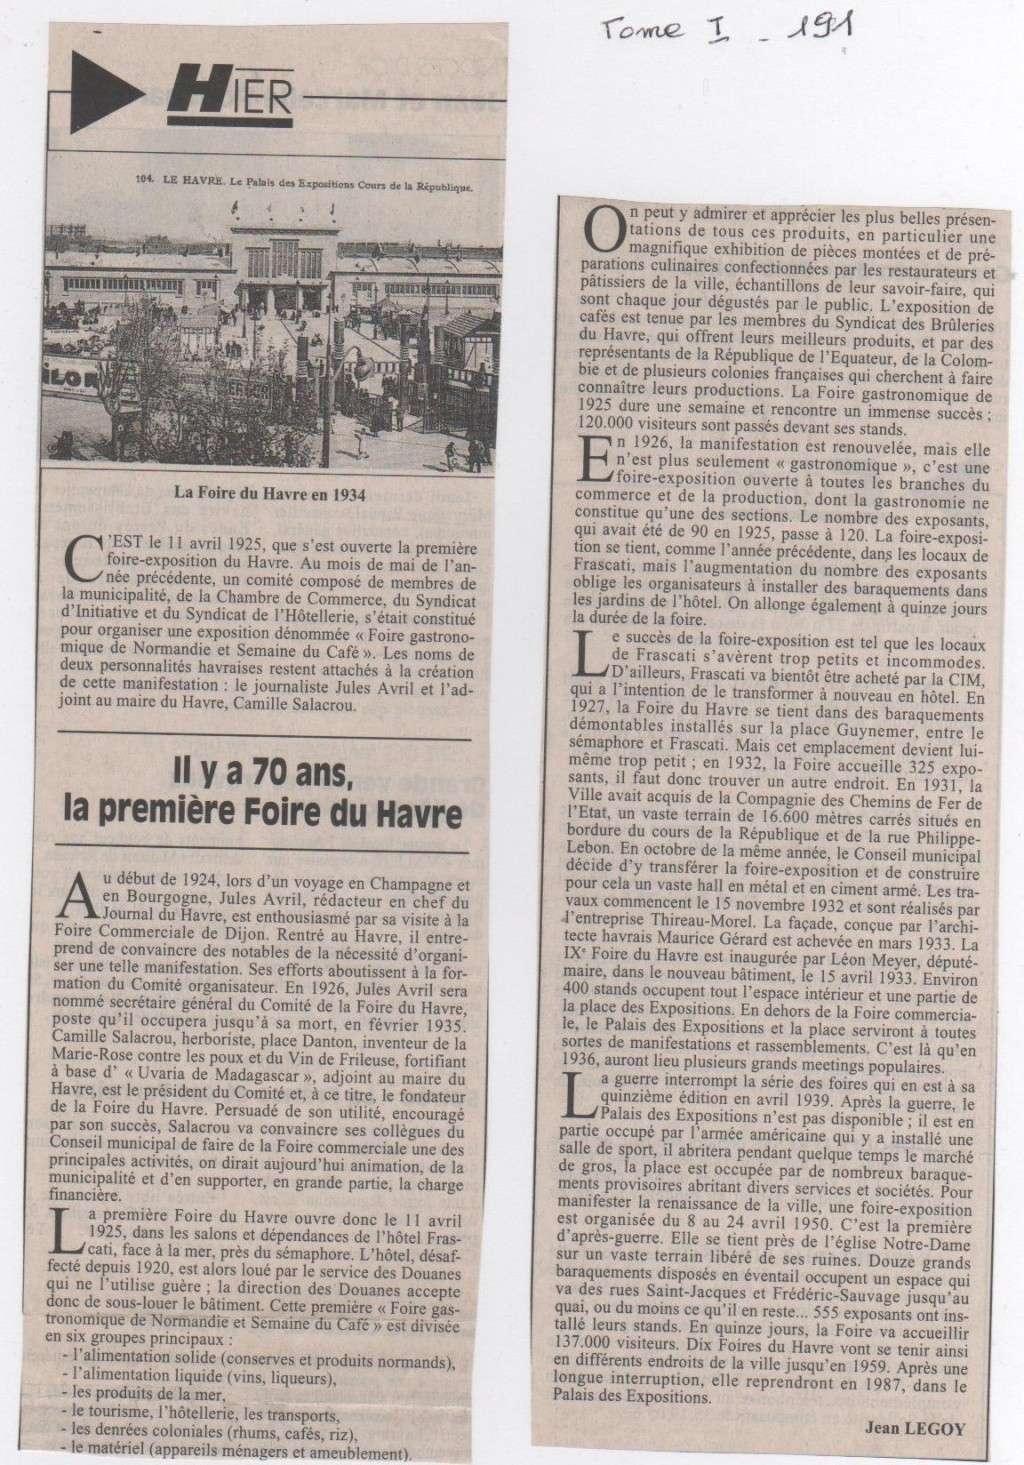 Hier, Le Havre par Jean LEGOY - Page 2 Jean_l57